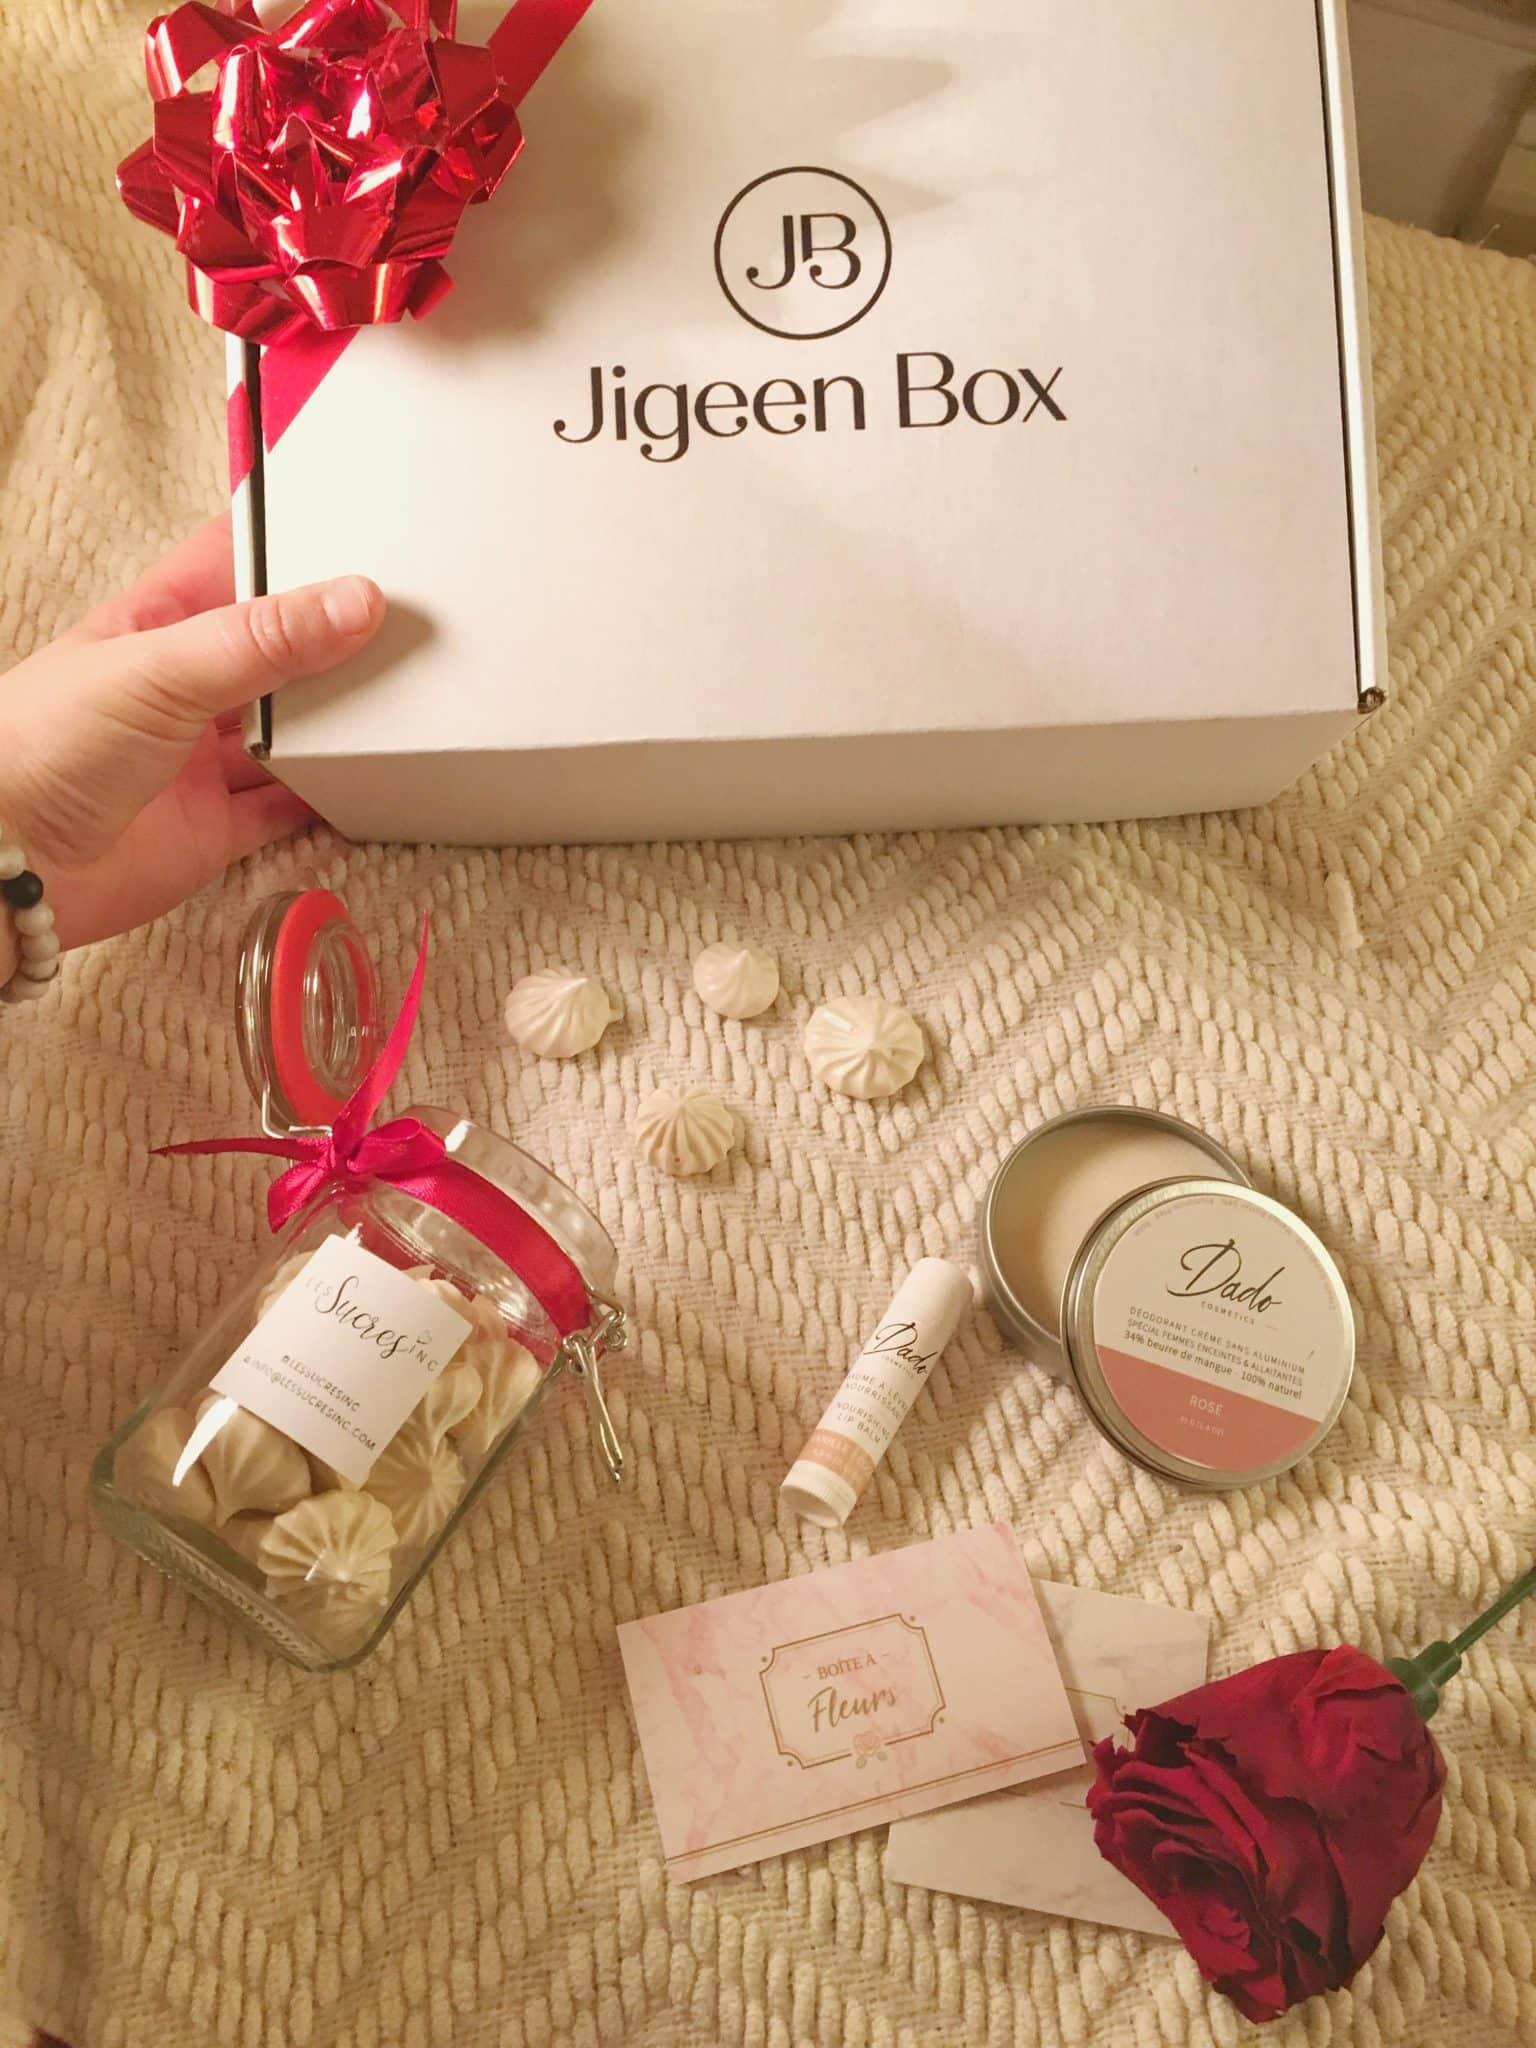 Jigeen Box